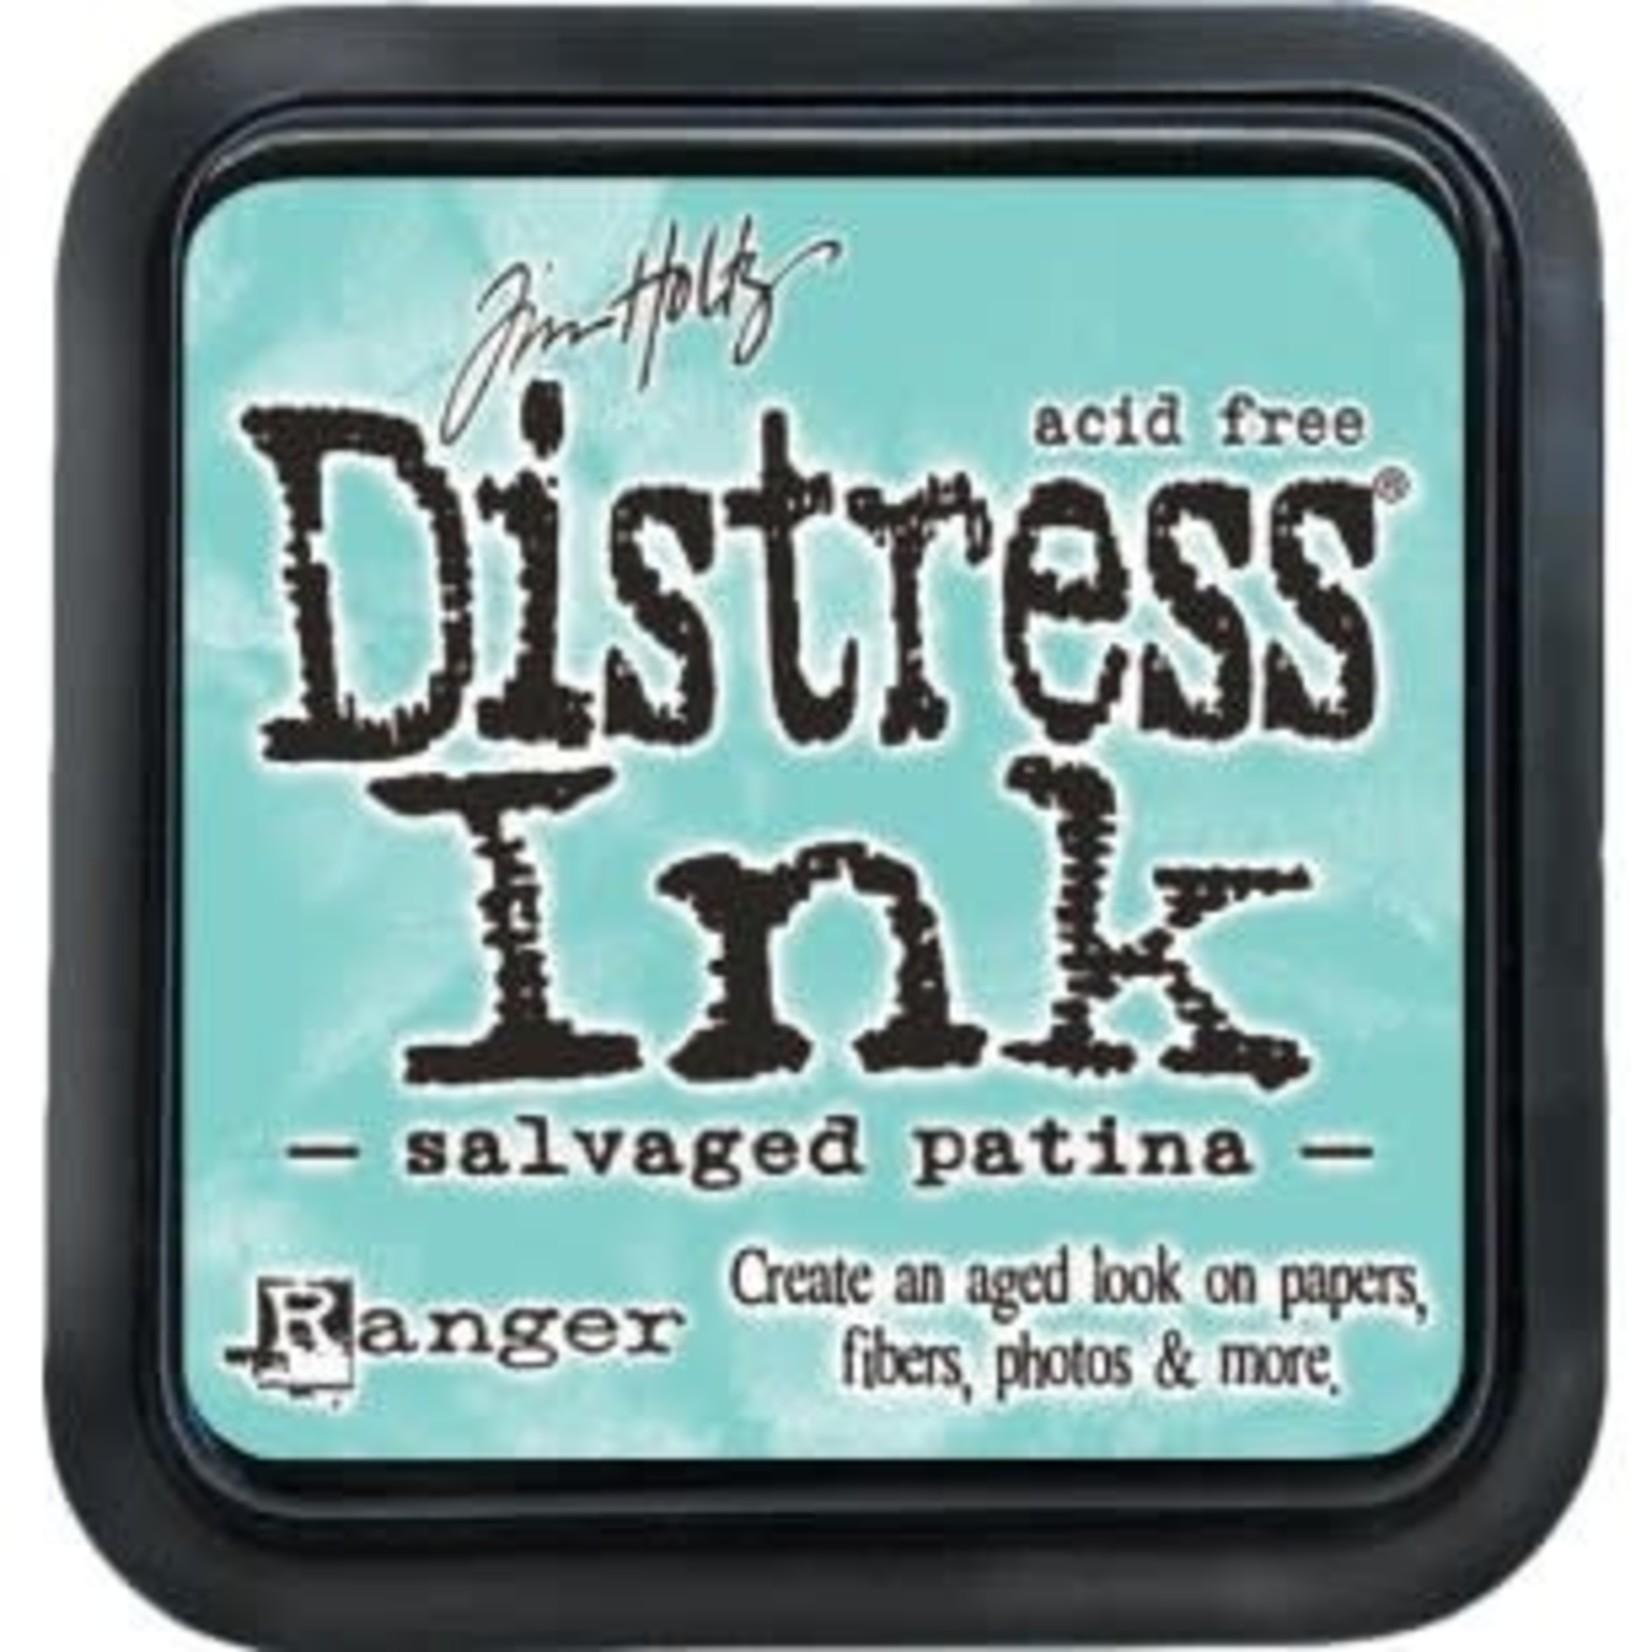 Tim Holtz Tim Holtz Distress Ink Pad Salvage Patina